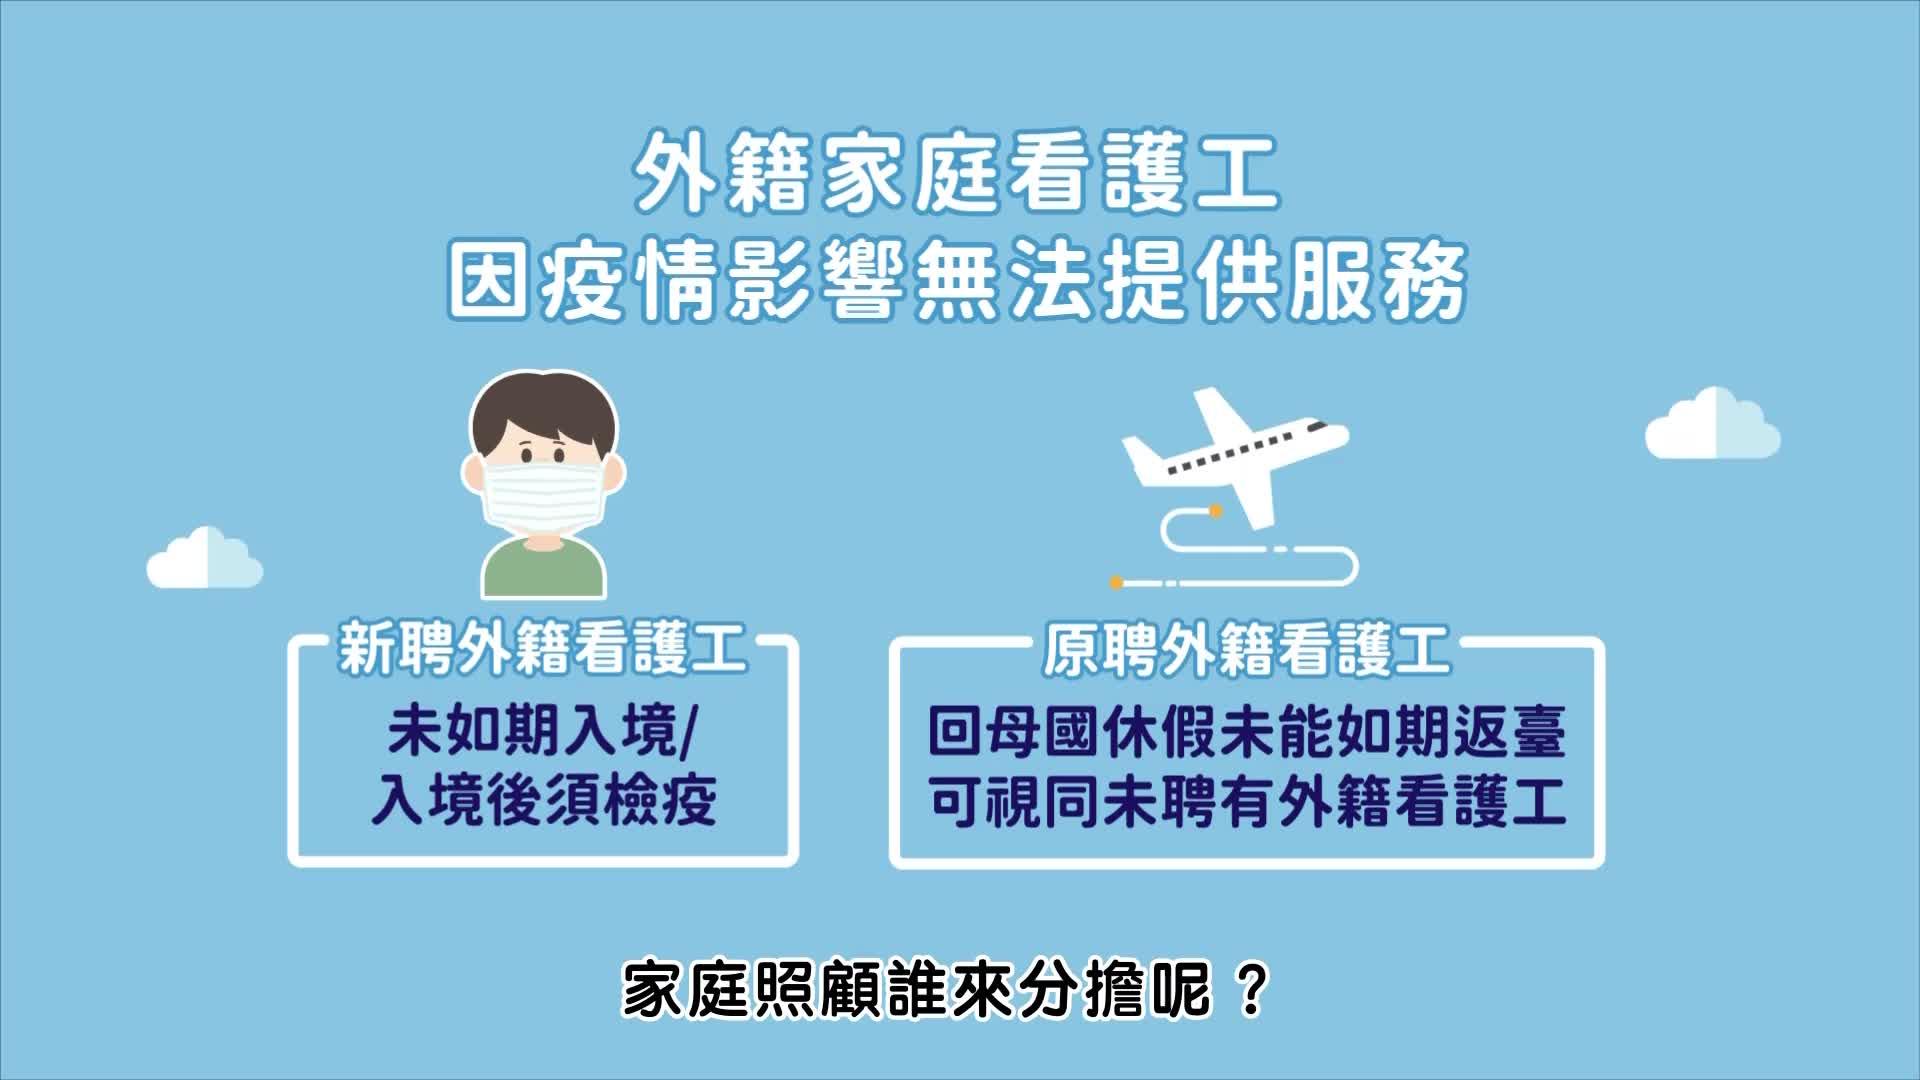 3.外籍家庭看護工因疫情影響無法提供服務